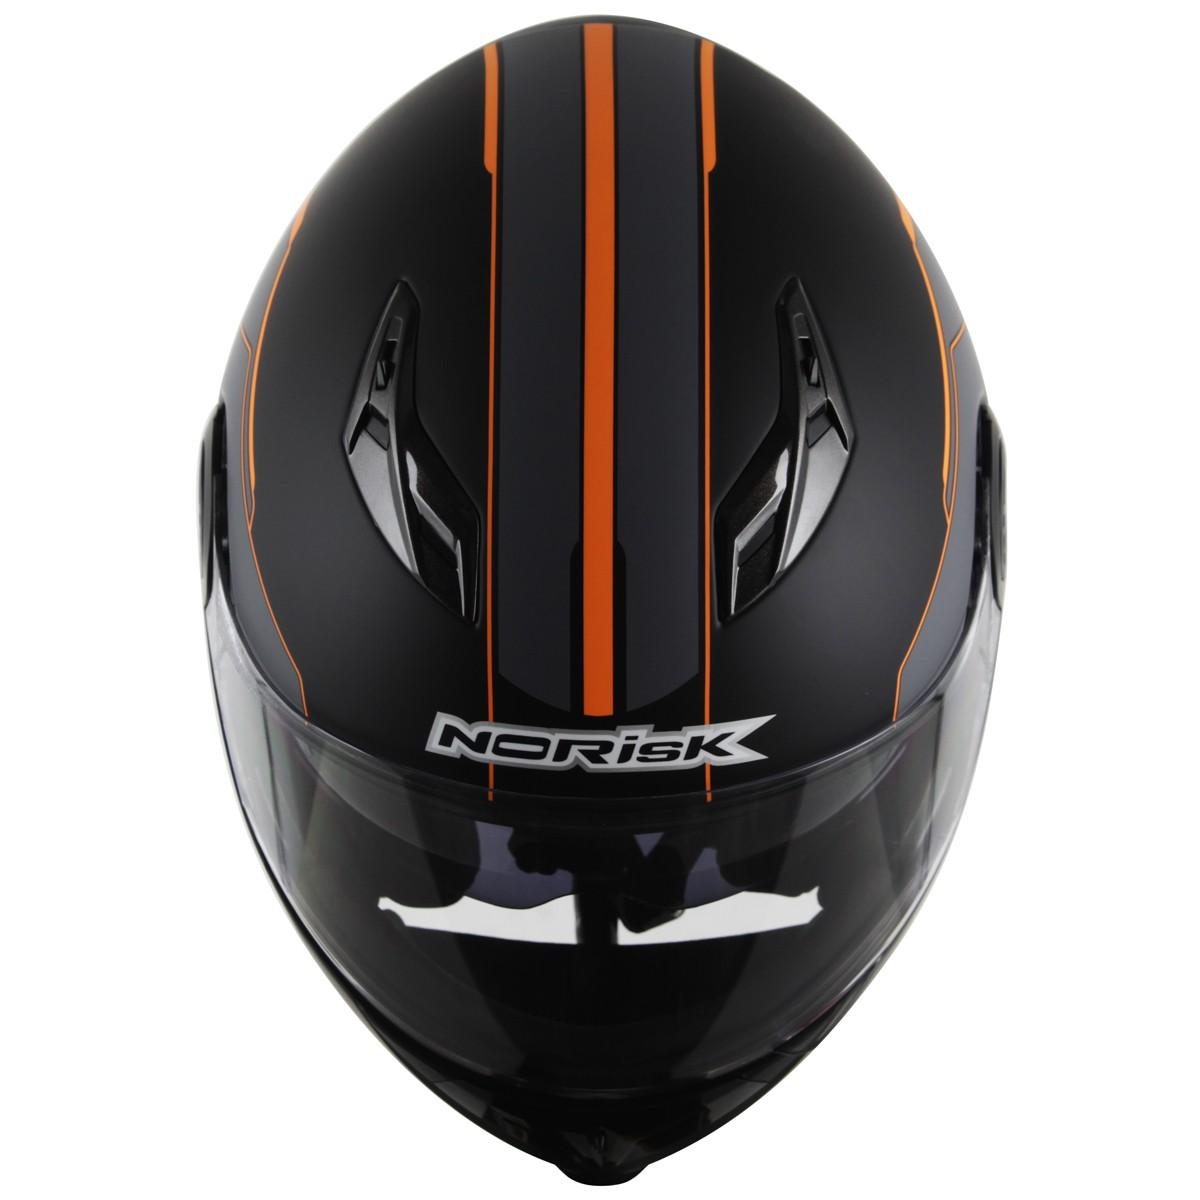 Capacete Norisk FF370 Midnight Black/Orange